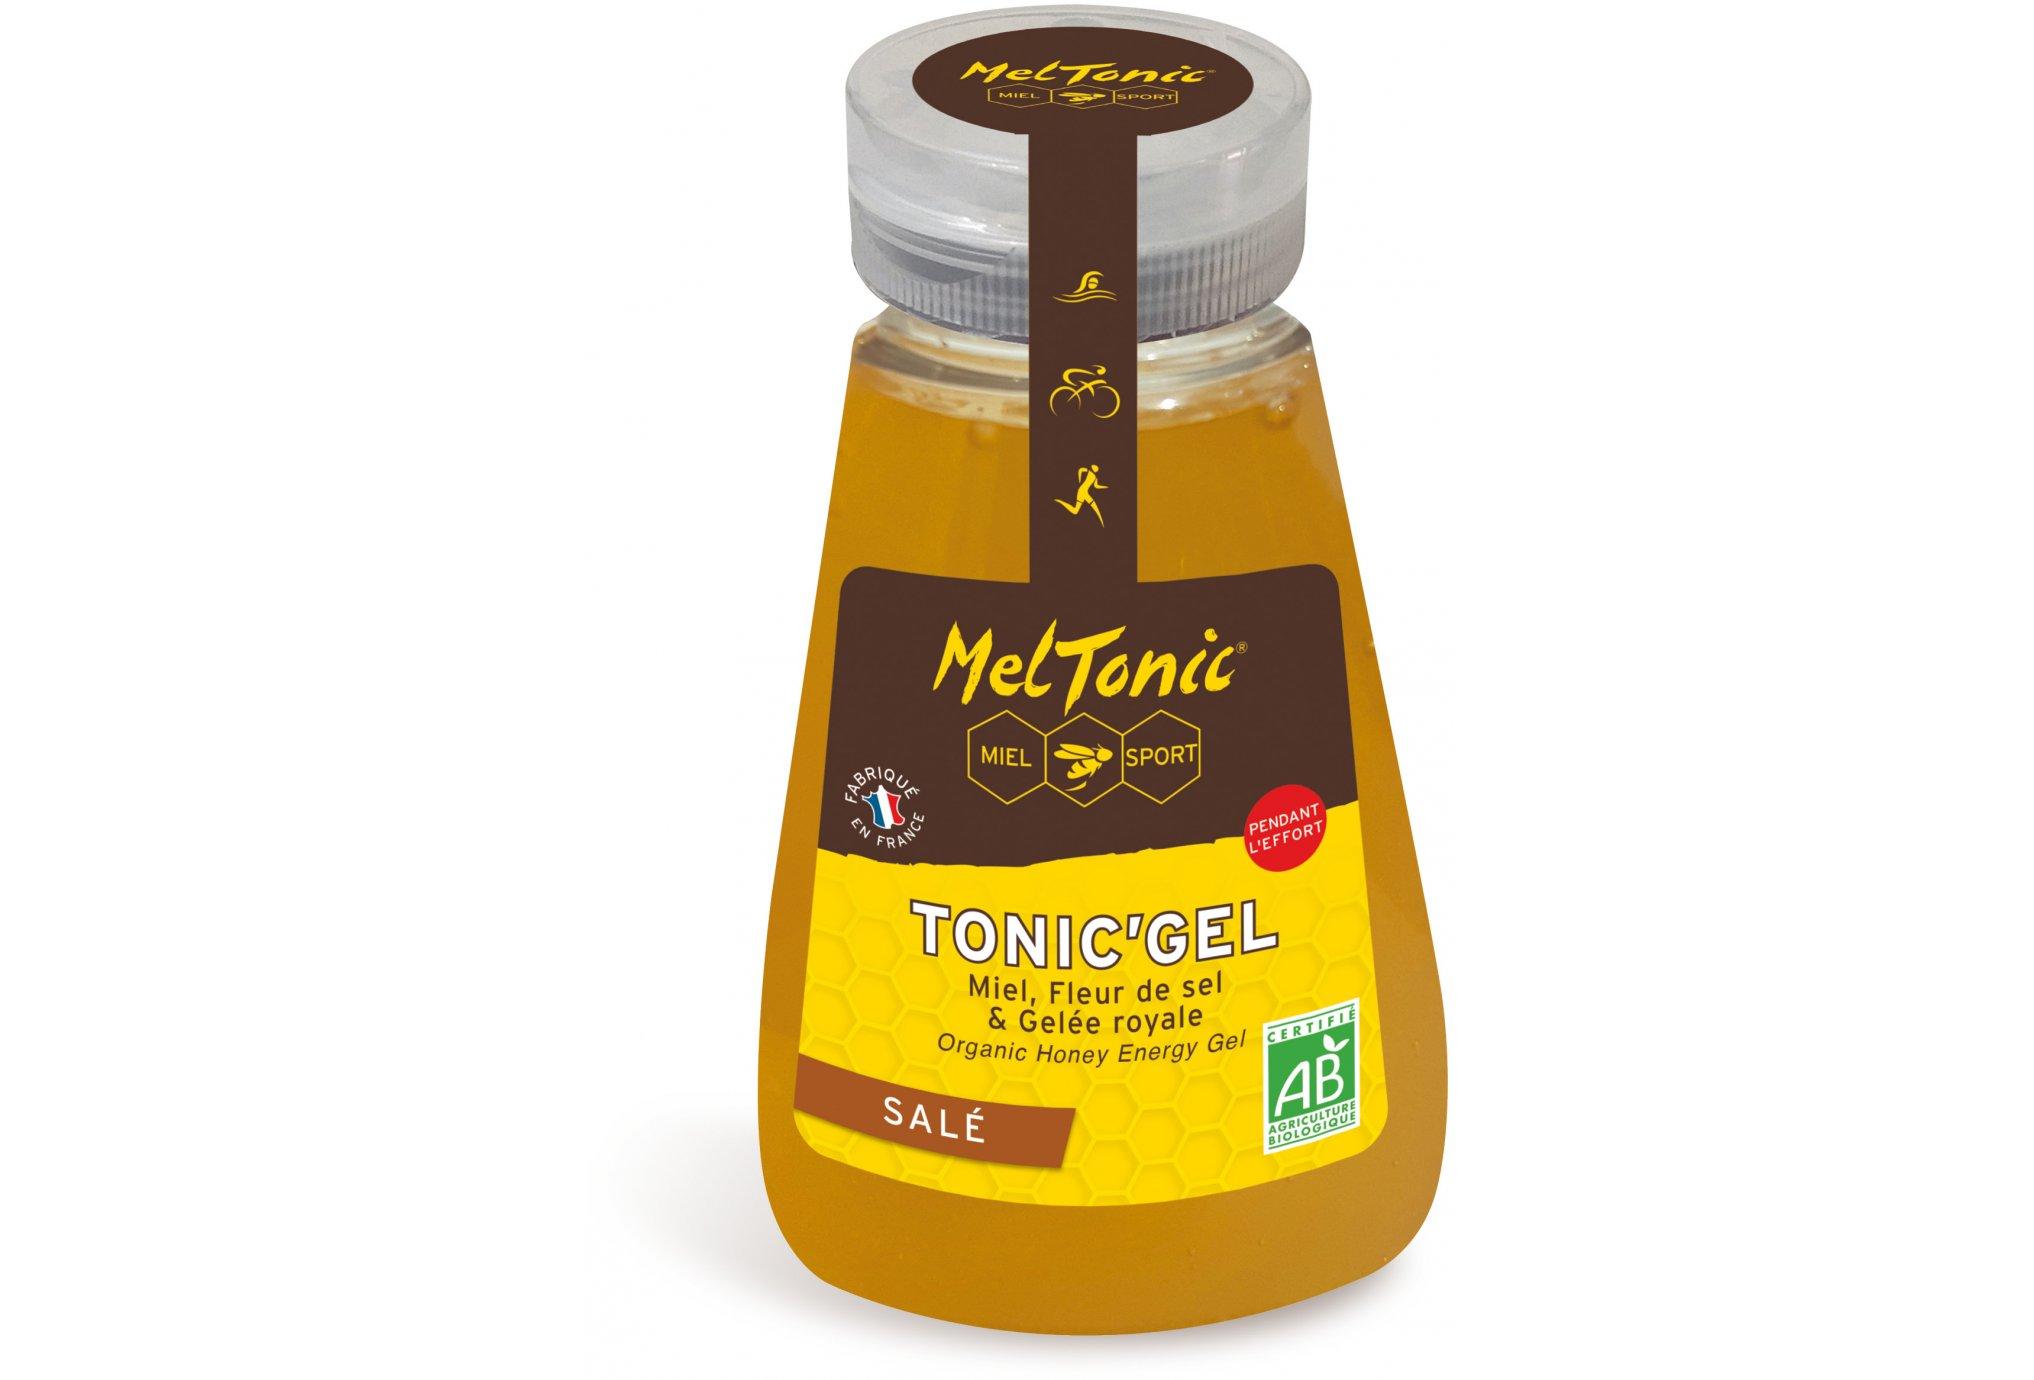 MelTonic Recharge Eco Tonic'Gel Salé Bio Diététique Gels